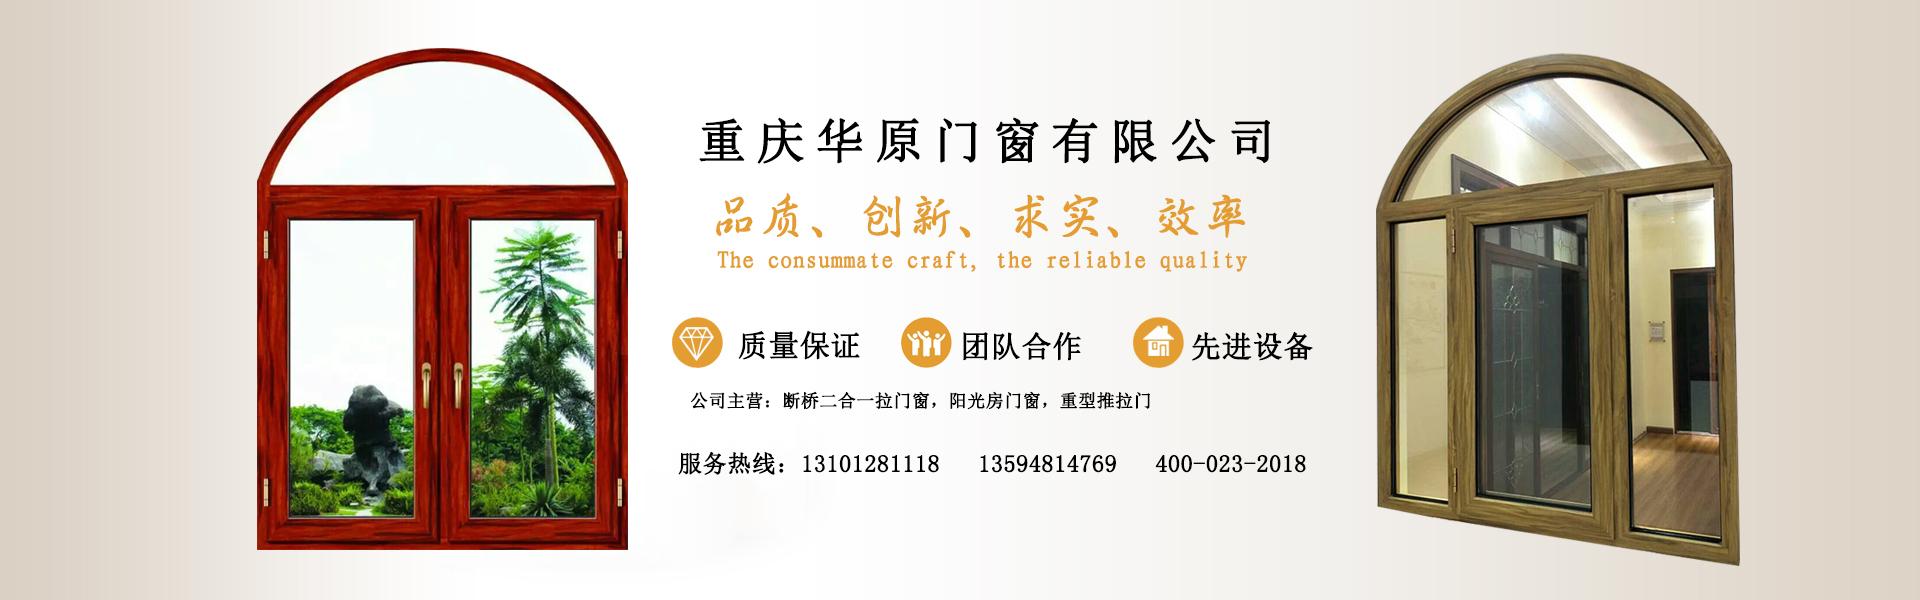 重庆华原门窗有限公司主营:断桥二合一拉门窗,阳光房门窗,重型推拉门等